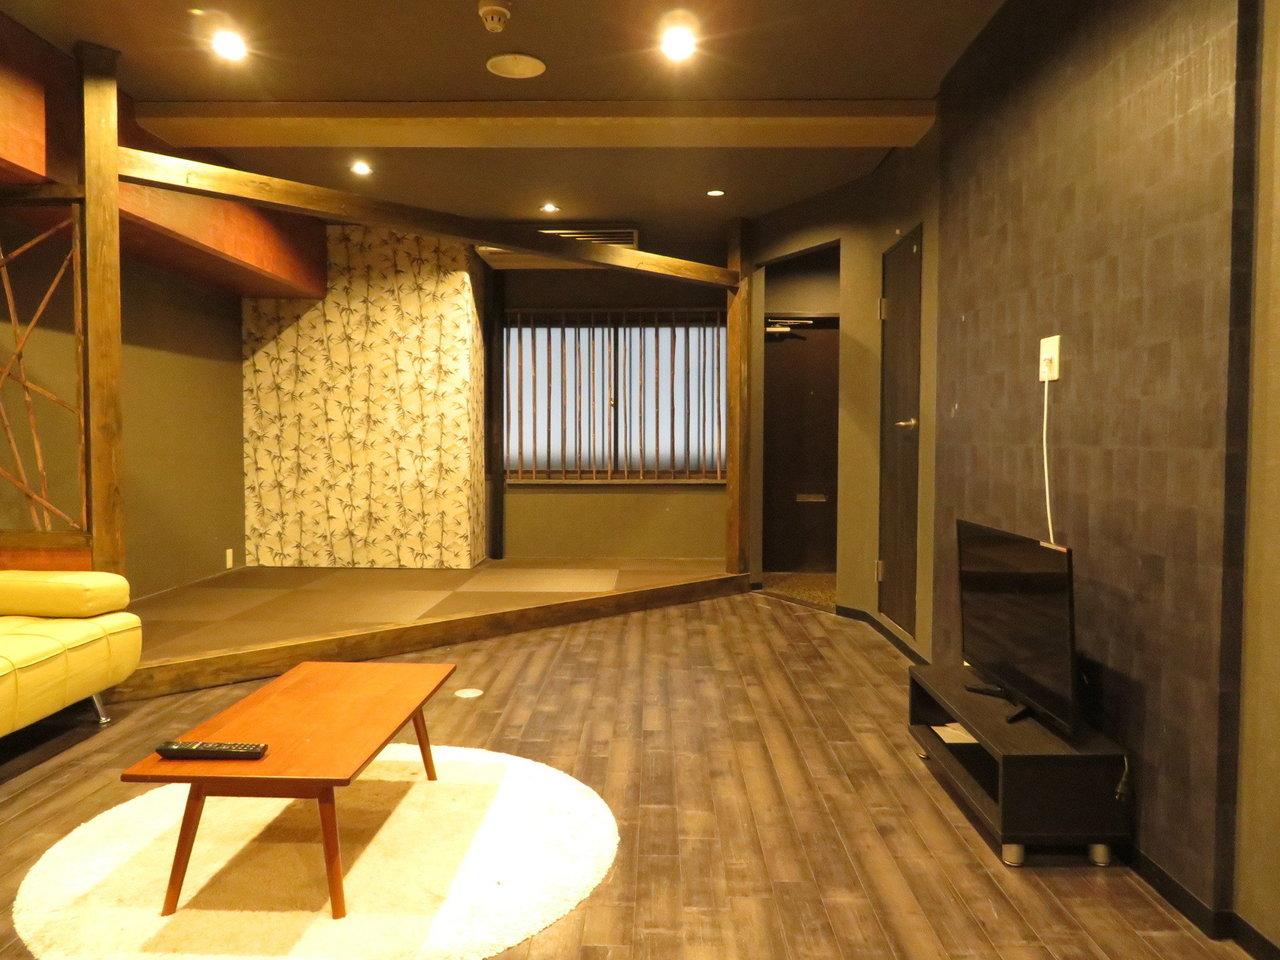 16畳のリビングと、9.4畳の洋室がついた、広々1LDK。全体的に落ち着いた雰囲気に仕上がっている、リノベーション物件です。